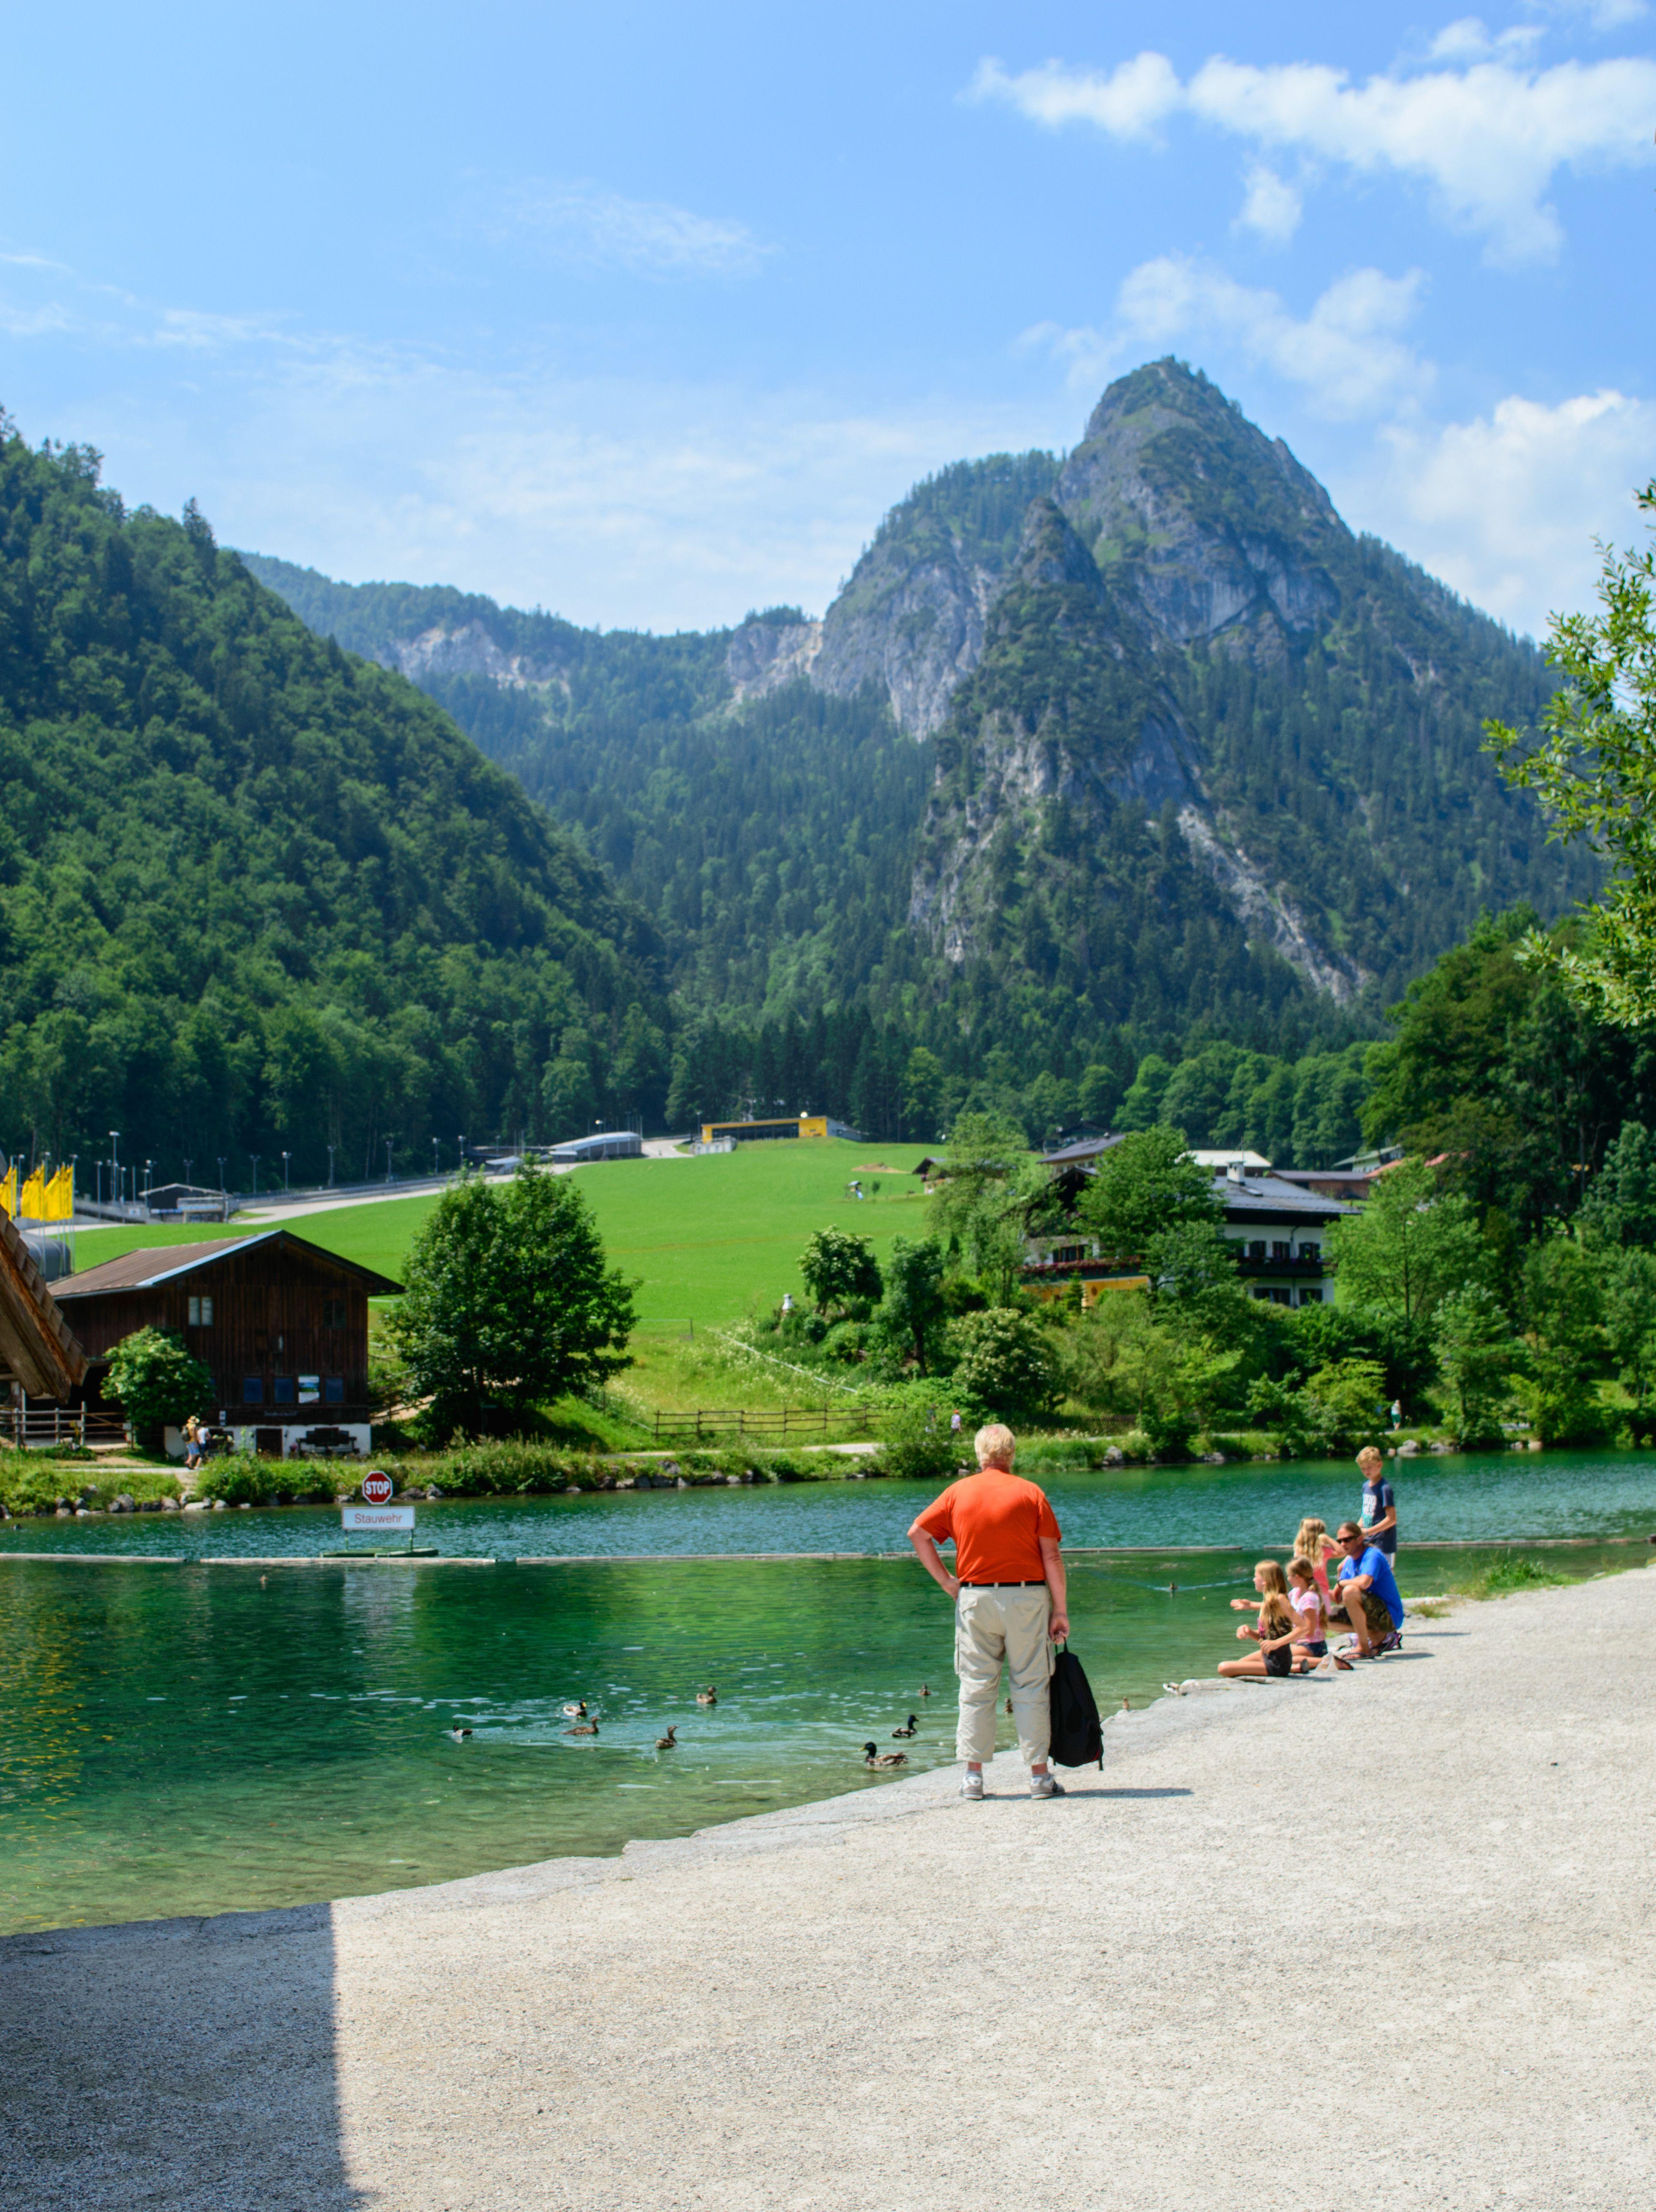 Bertechsgaden Konigsee Germany Berchtesgaden Alps Travel